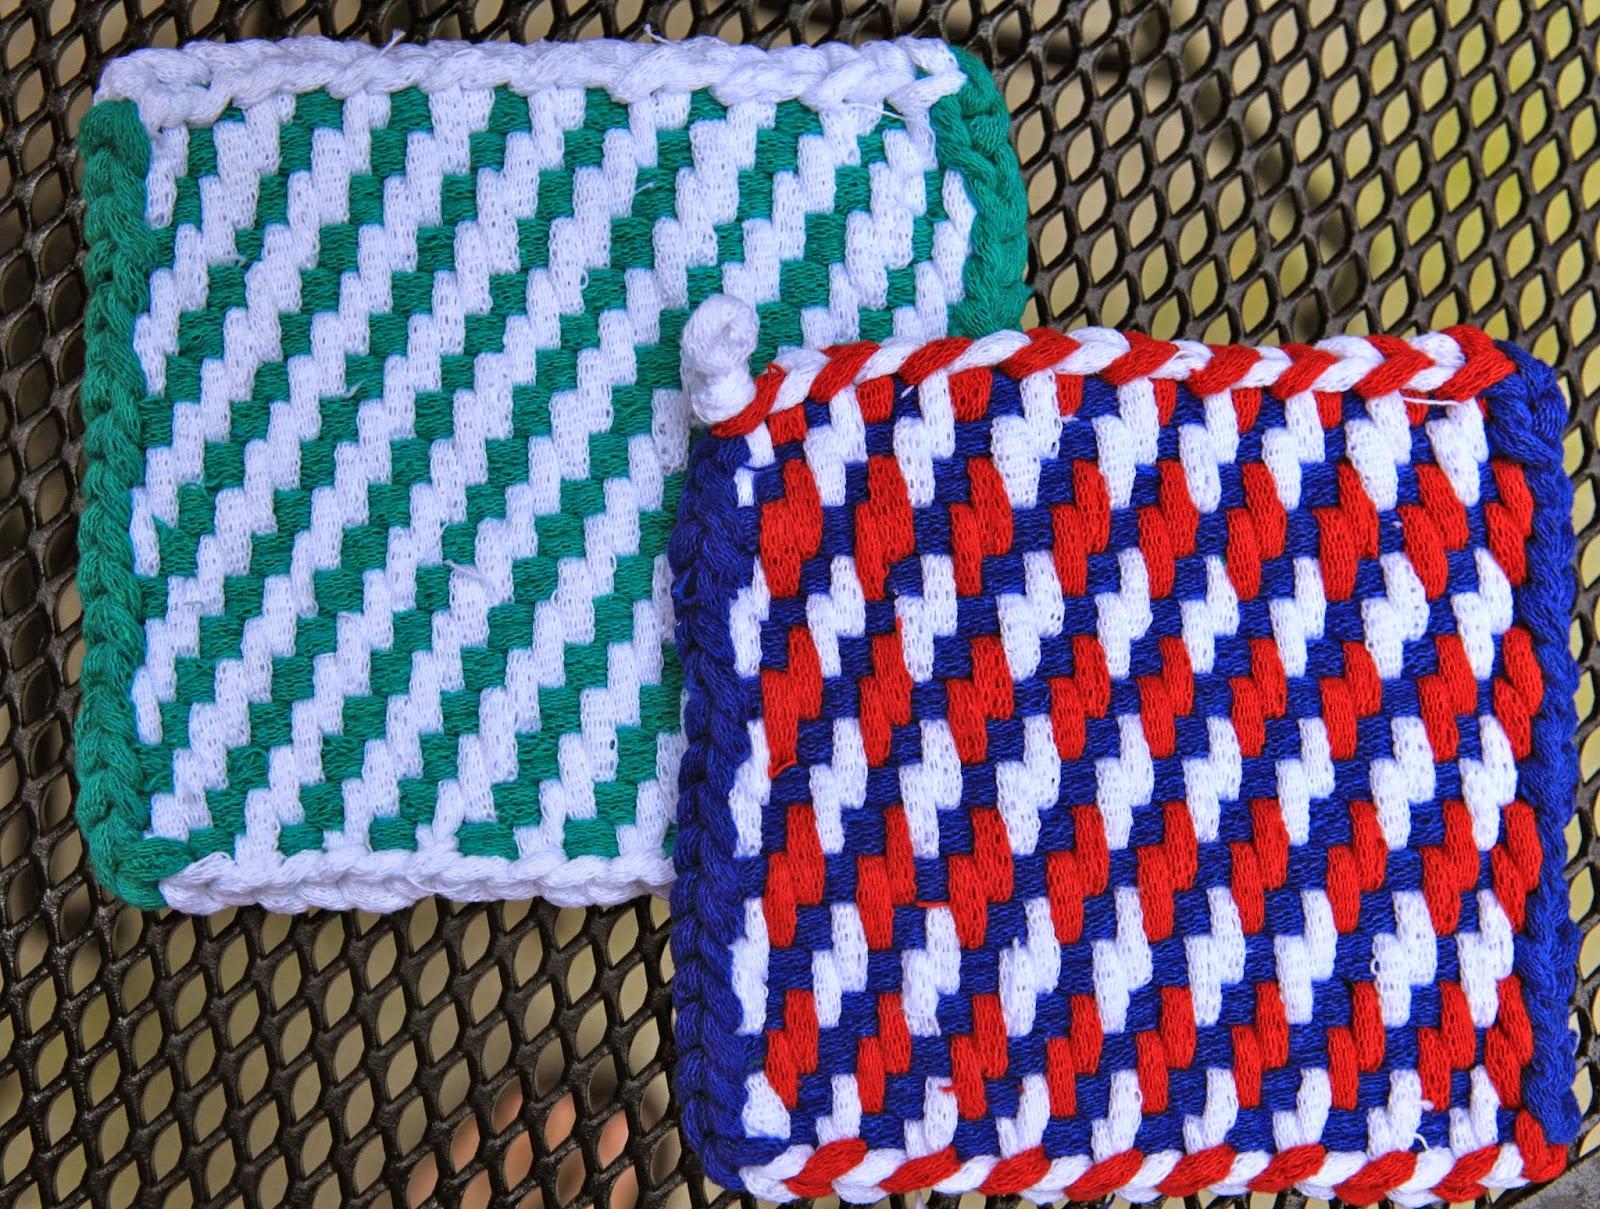 Potholder Loom Patterns Unique Ideas